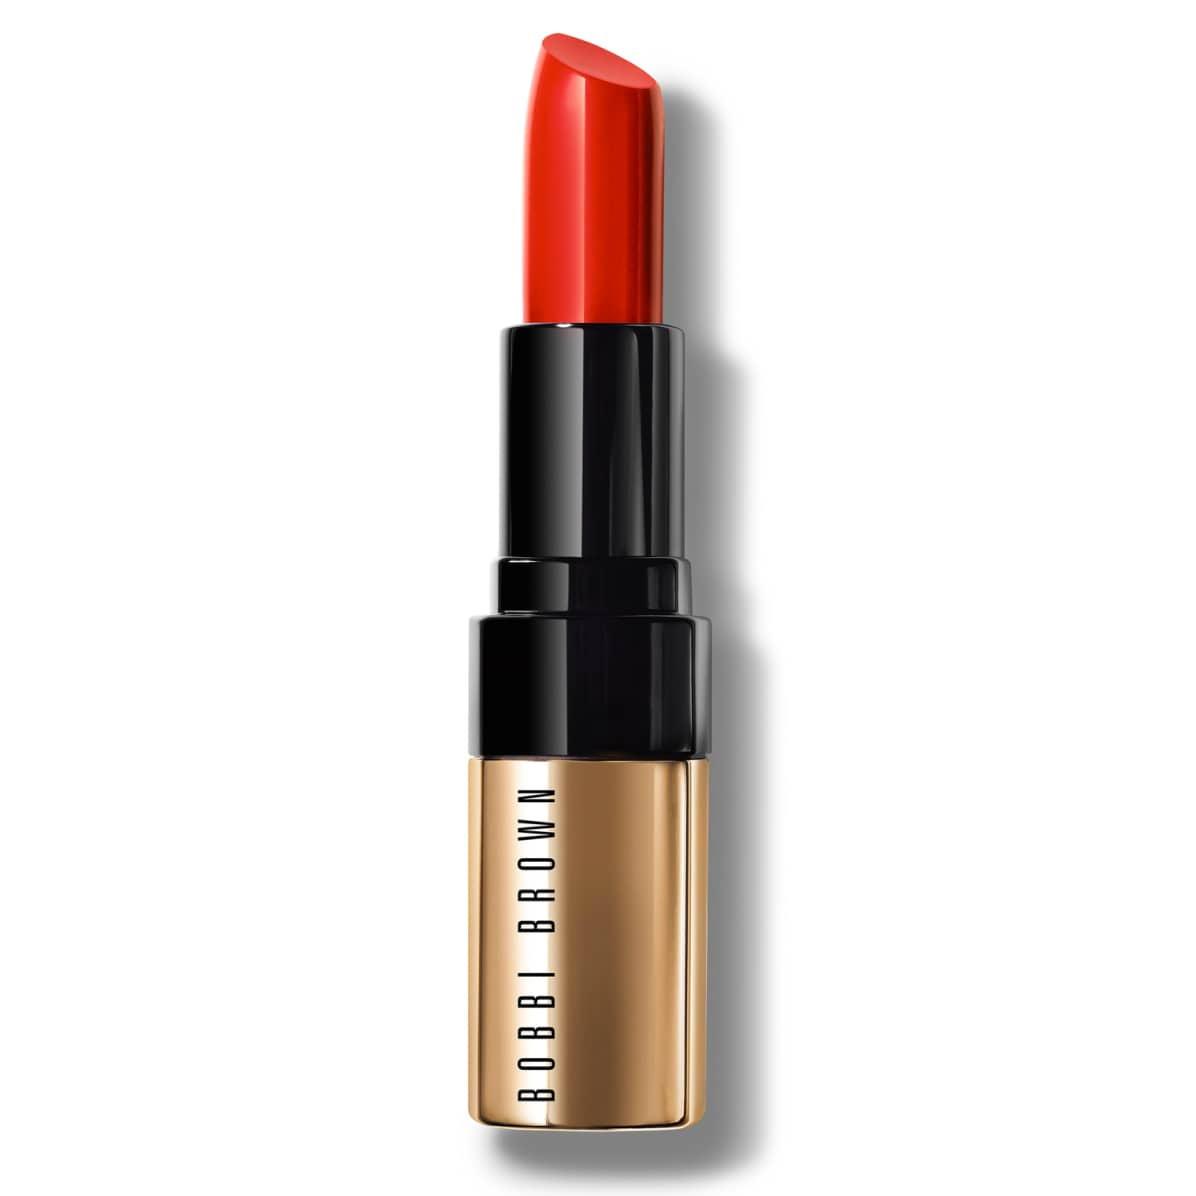 Bobbi Brown Luxe Lip Color Retro Red 26